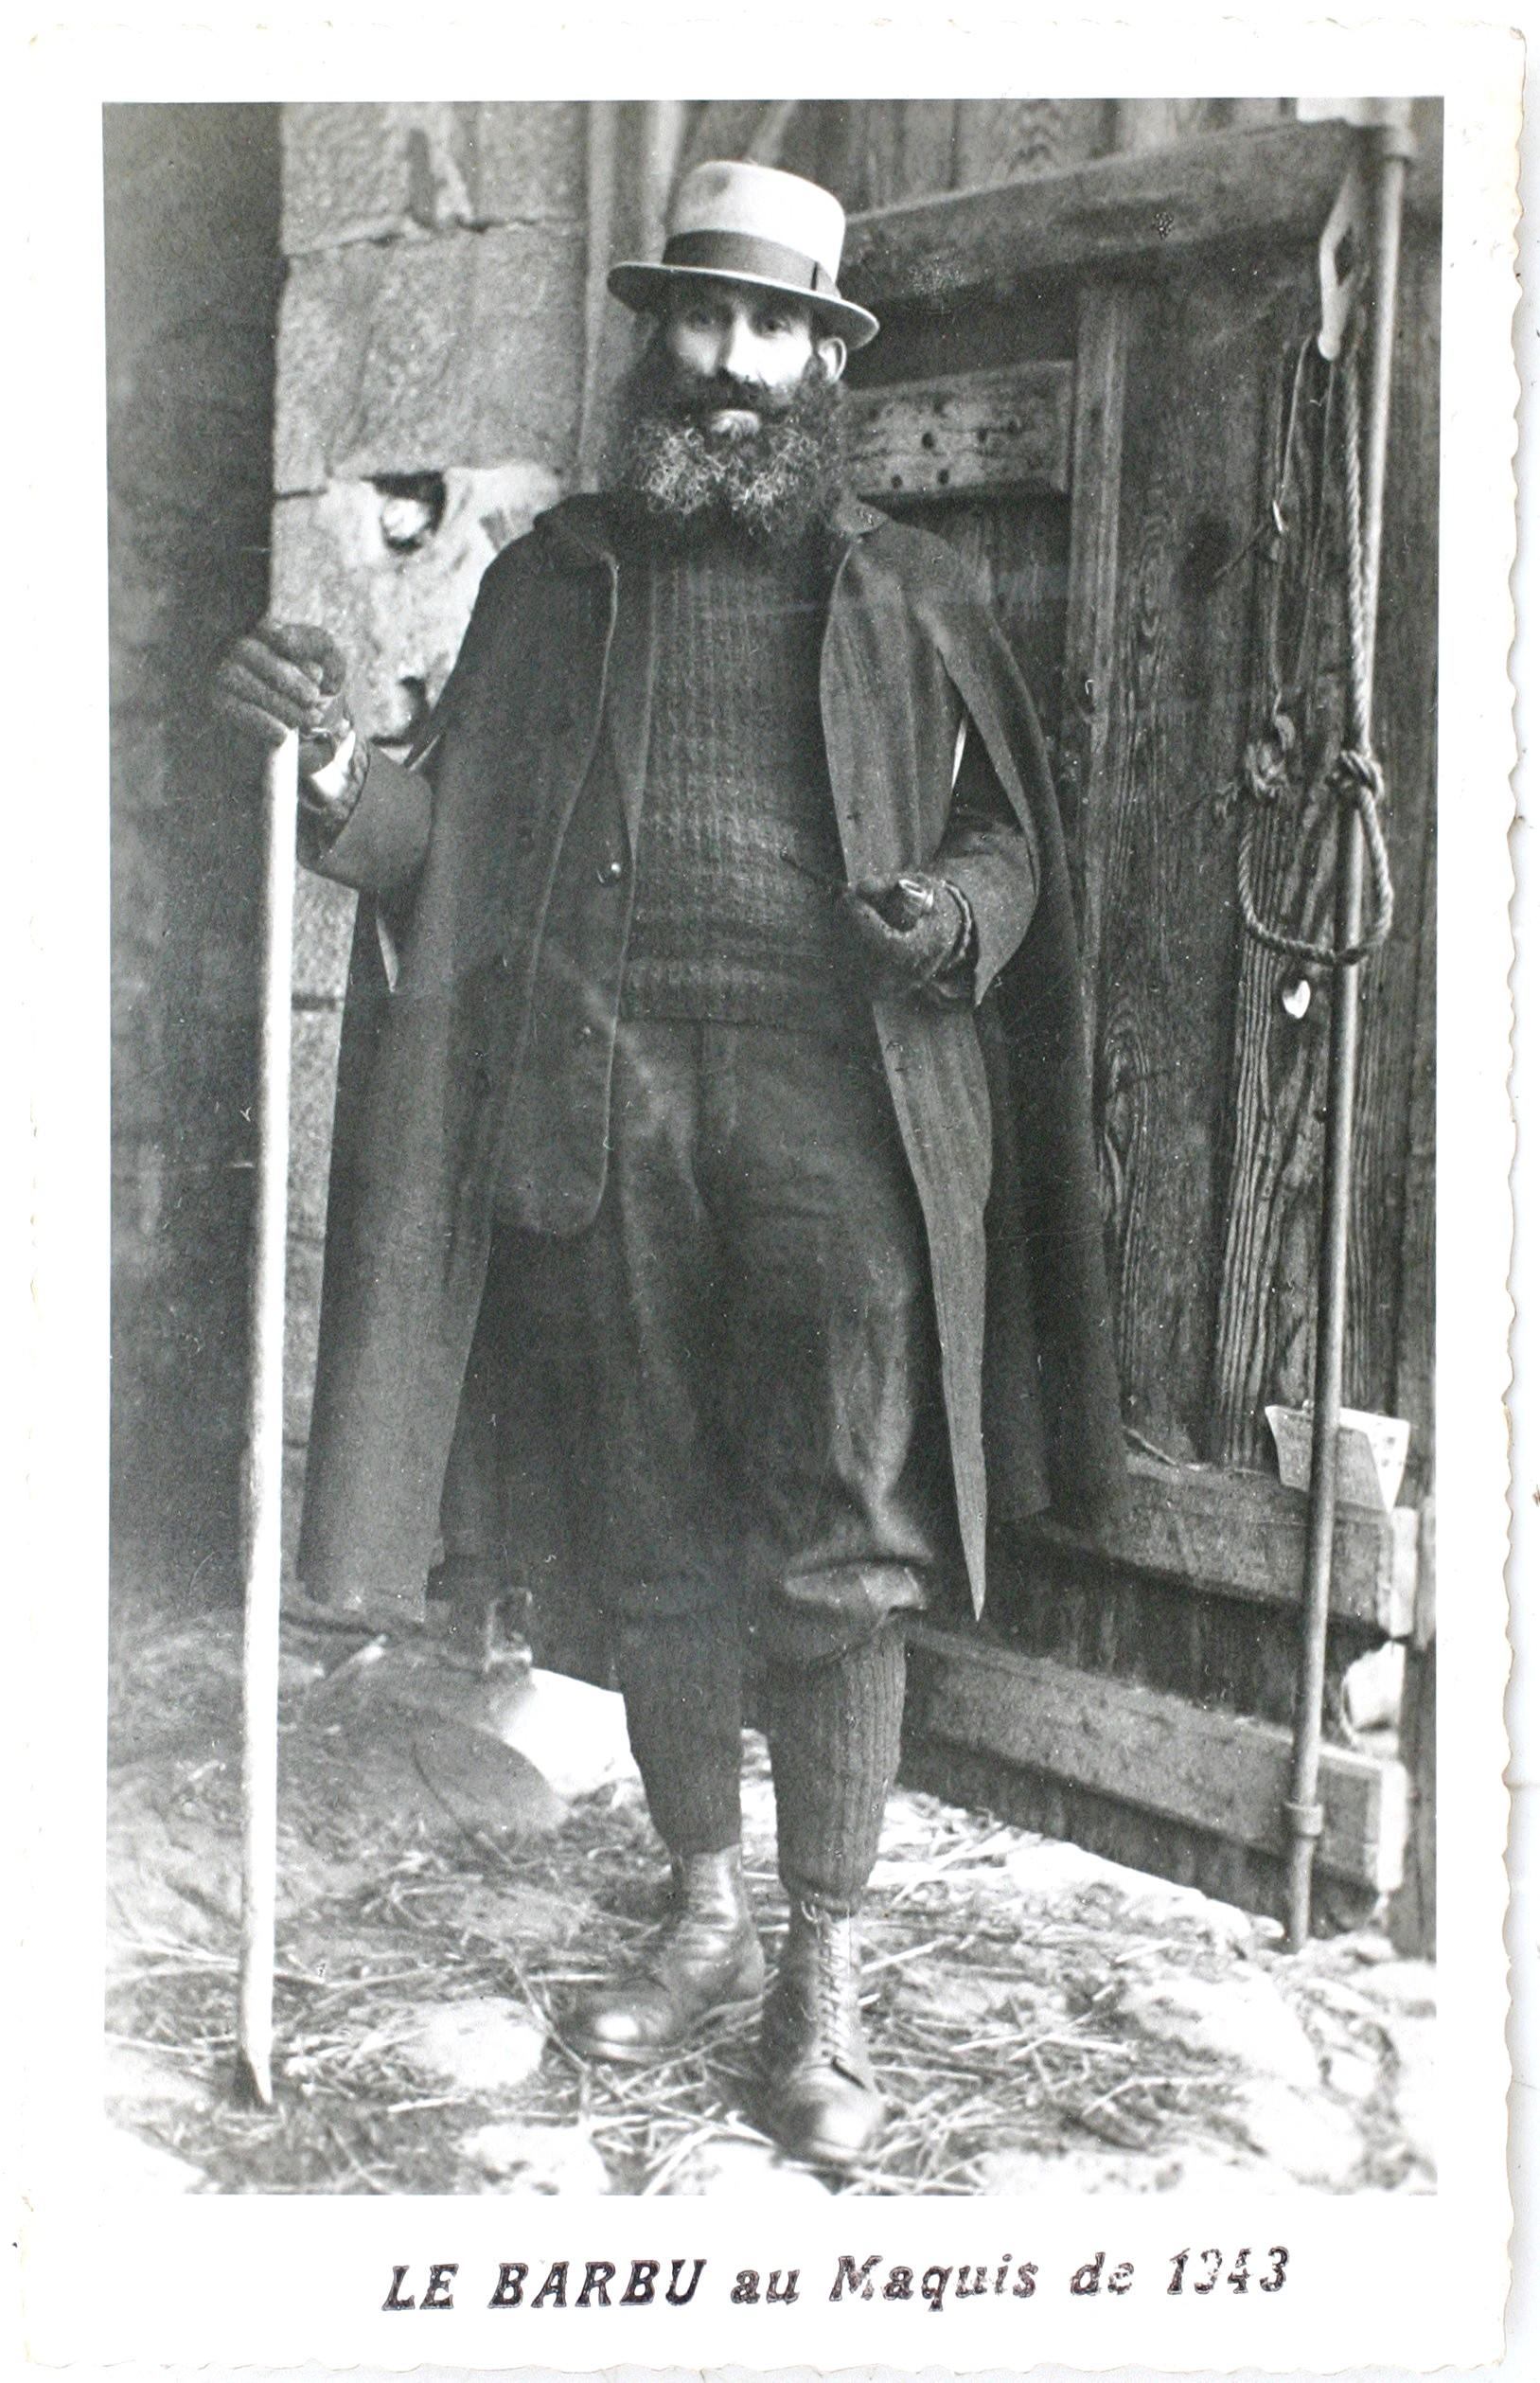 Barbu en 1943